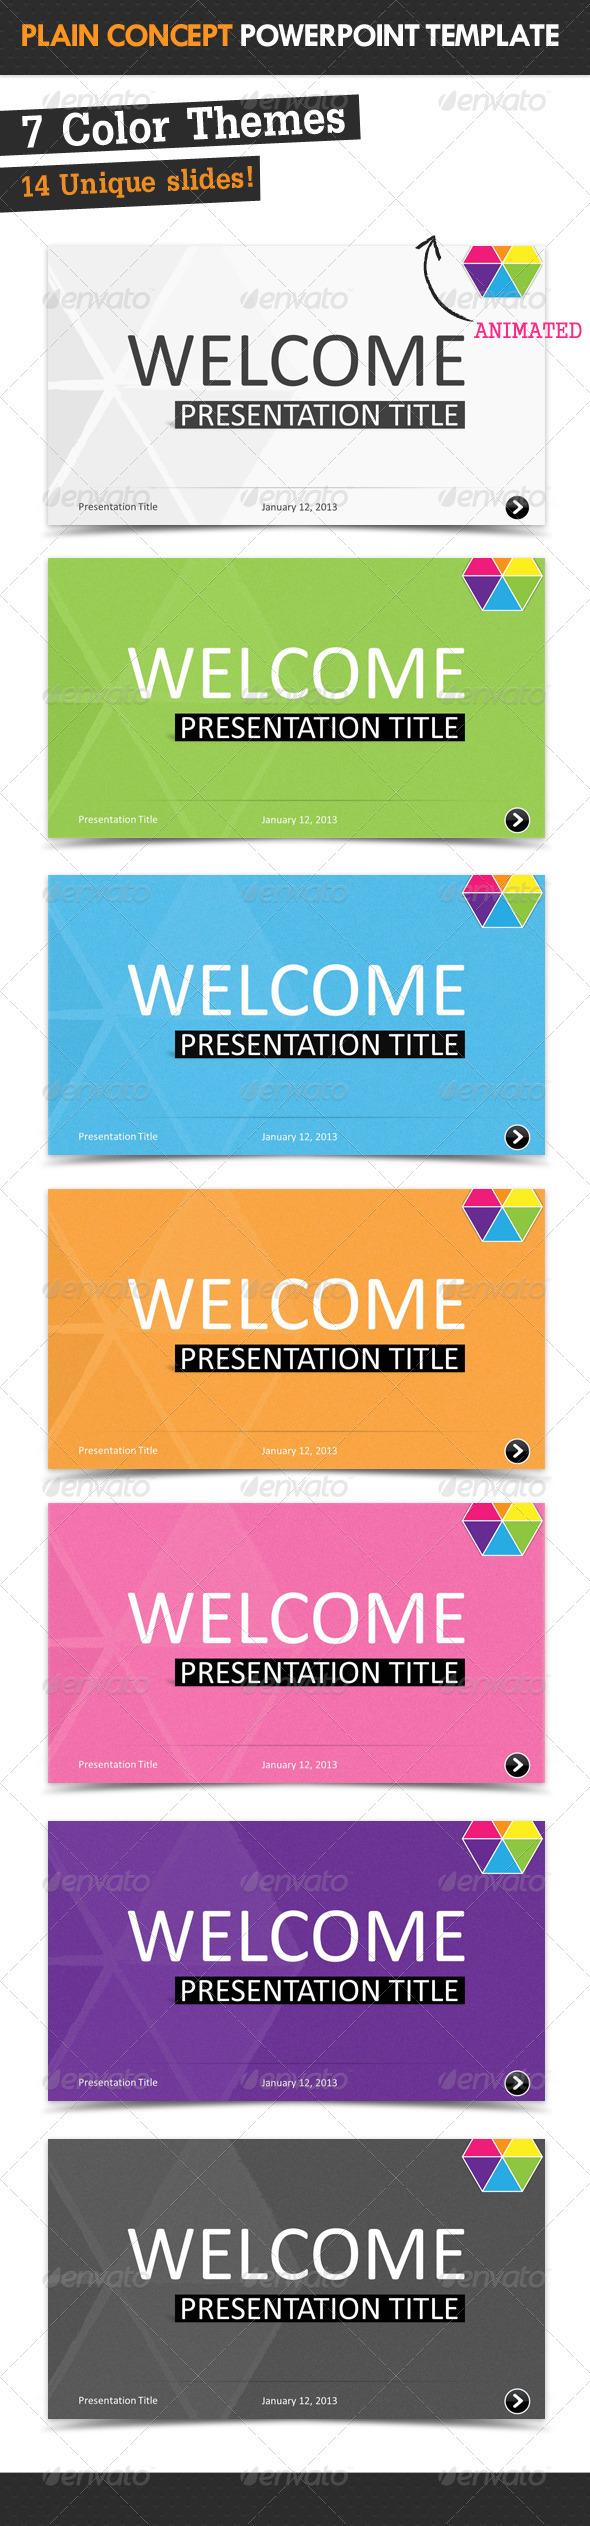 GraphicRiver Plain Concept Powerpoint Template 3700318